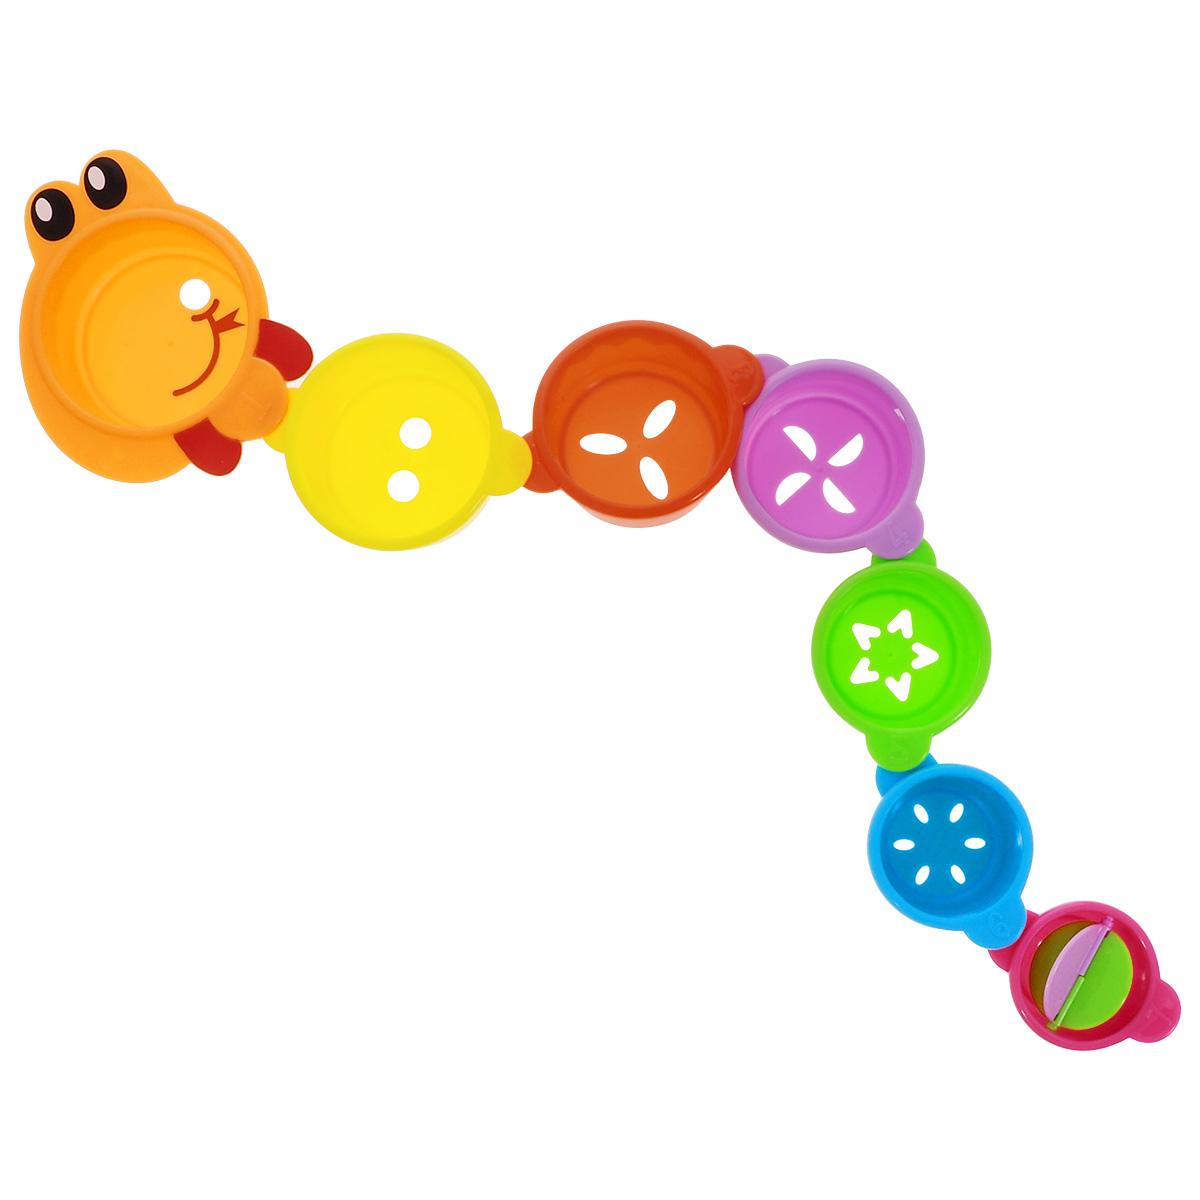 Игрушка для ванной Малышарики ЗмейкаMSH0304-005Игрушка для ванной Малышарики Змейка выполнена в ярком дизайне и из безопасных материалов. Игрушка состоит из семи элементов в виде стаканчиков разных размеров и цветов. Благодаря специальным креплениям, стаканчики с фигурными отверстиями можно соединить в длинную змейку, либо построить высокую пирамидку. Самый маленький стаканчик содержит крышечку-карусель. Игрушка Змейка превратит купание в увлекательную игру, развивая при этом мелкую моторику и концентрацию внимания малыша, а также воображение и творческие способности. Рекомендуемый возраст: 1-3 года.